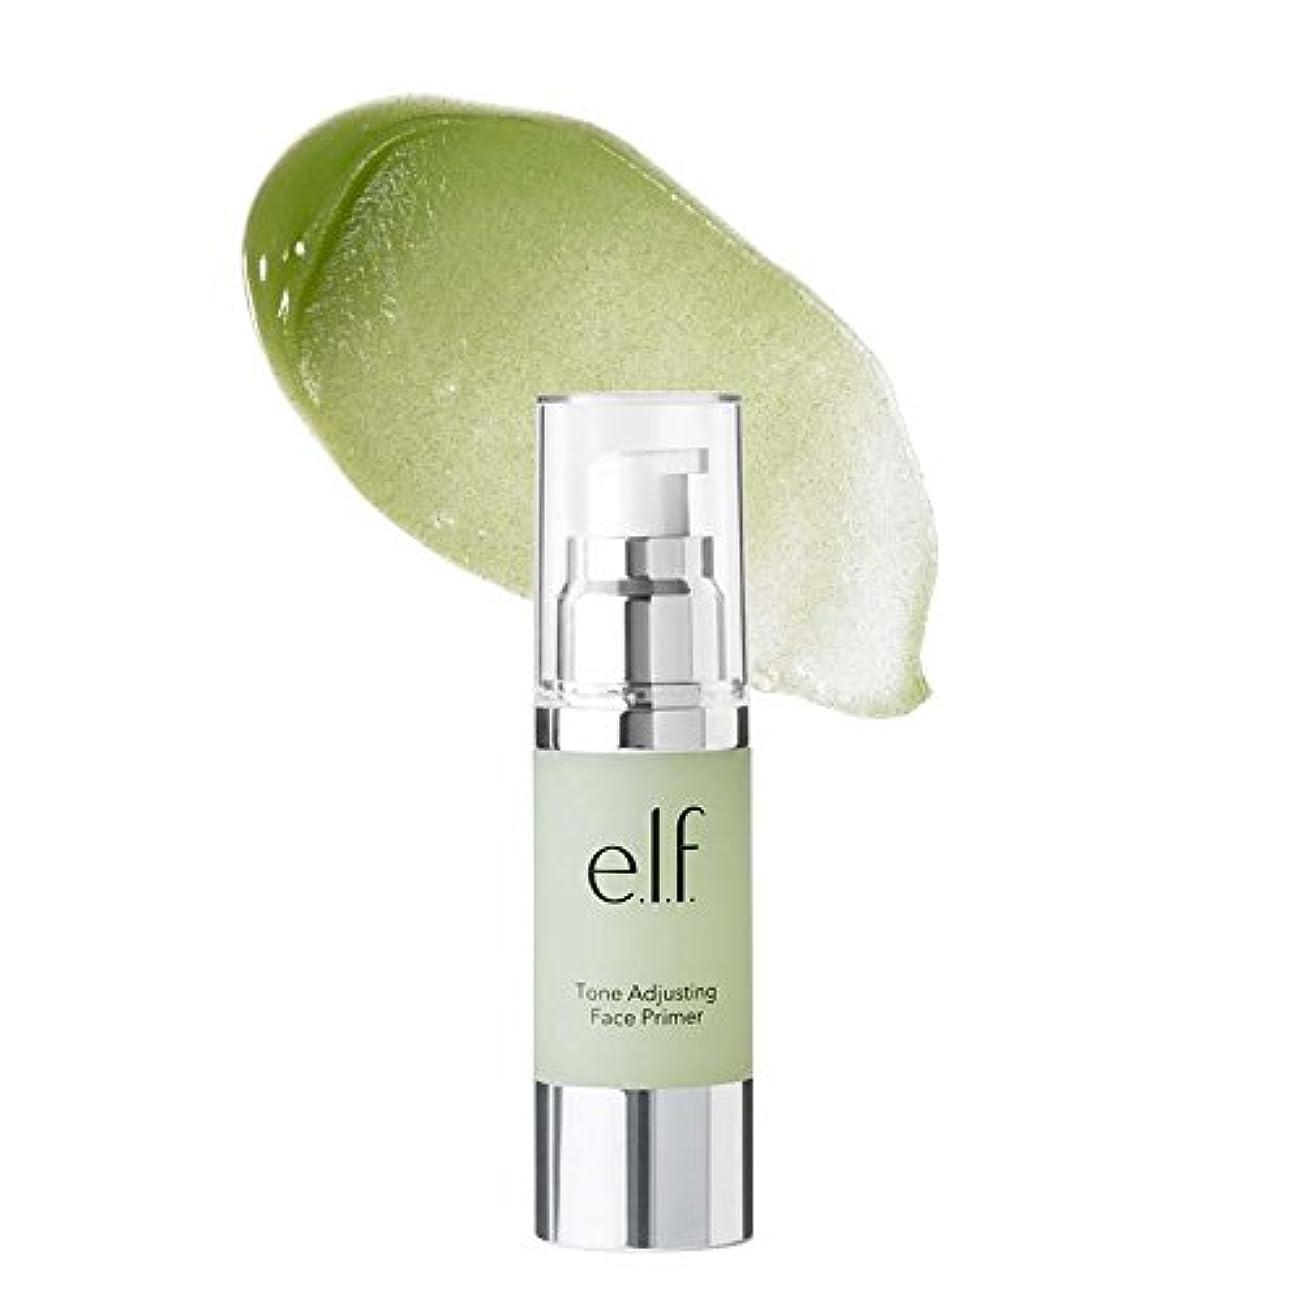 肌寒いペダル契約e.l.f. Tone Adjusting Face Primer Large - Neutralizing Green (並行輸入品)